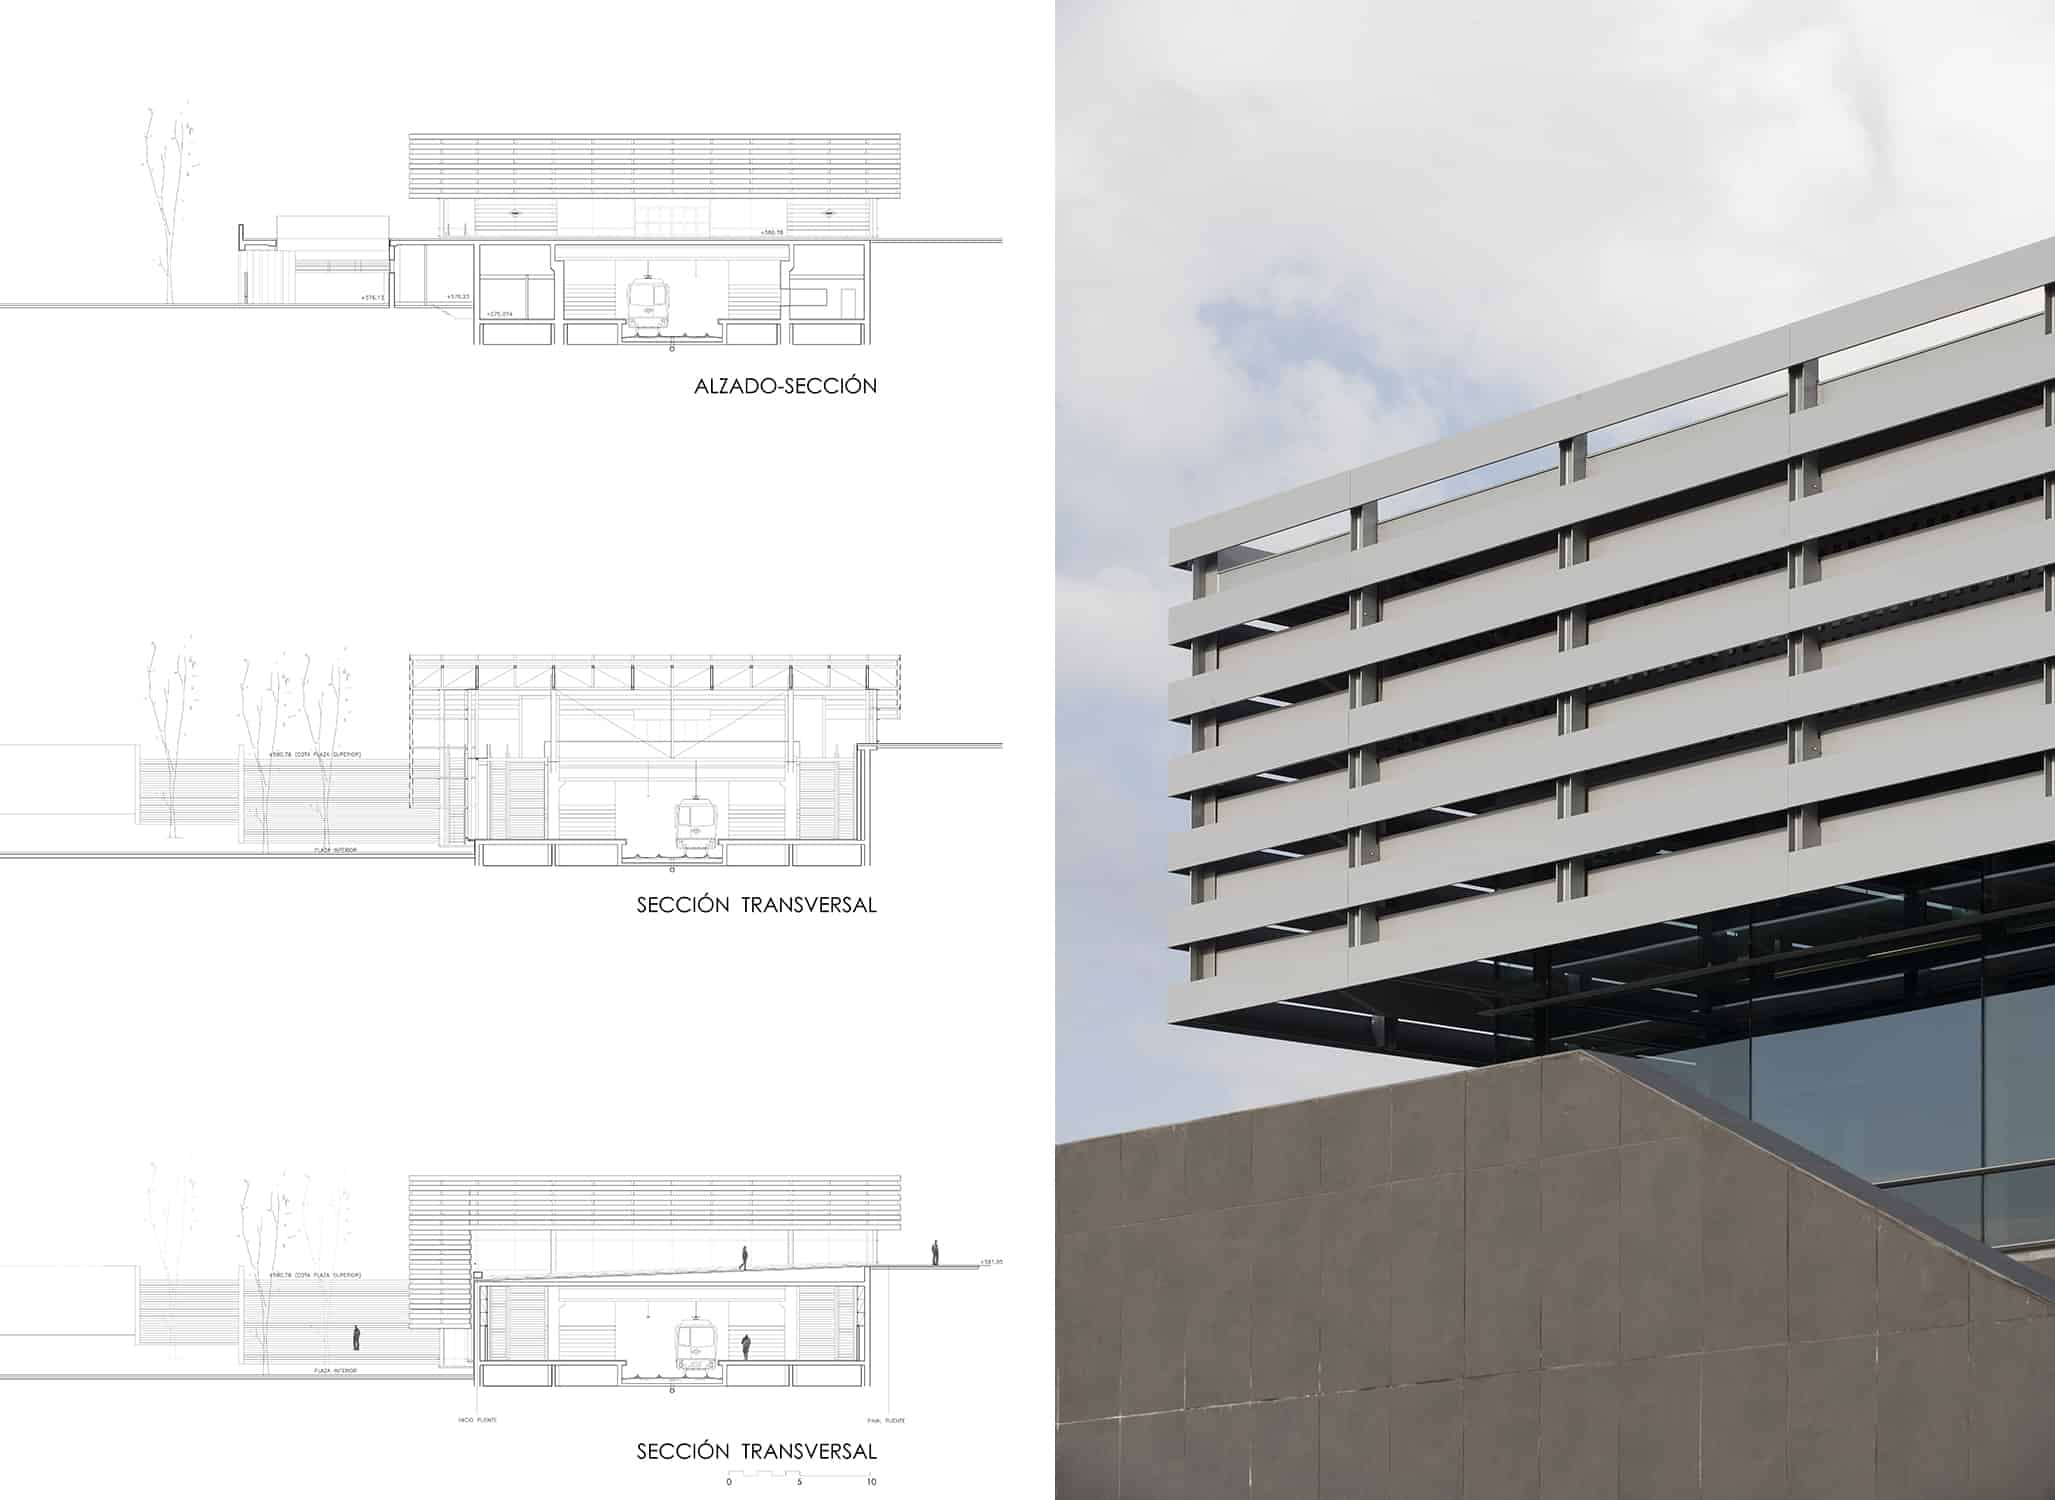 Secciones+Alzados Estación METRO de MADRID_LGV+LANDINEZ+REY   equipo L2G arquitectos, slp [ eL2Gaa ] - arquitectura del transporte